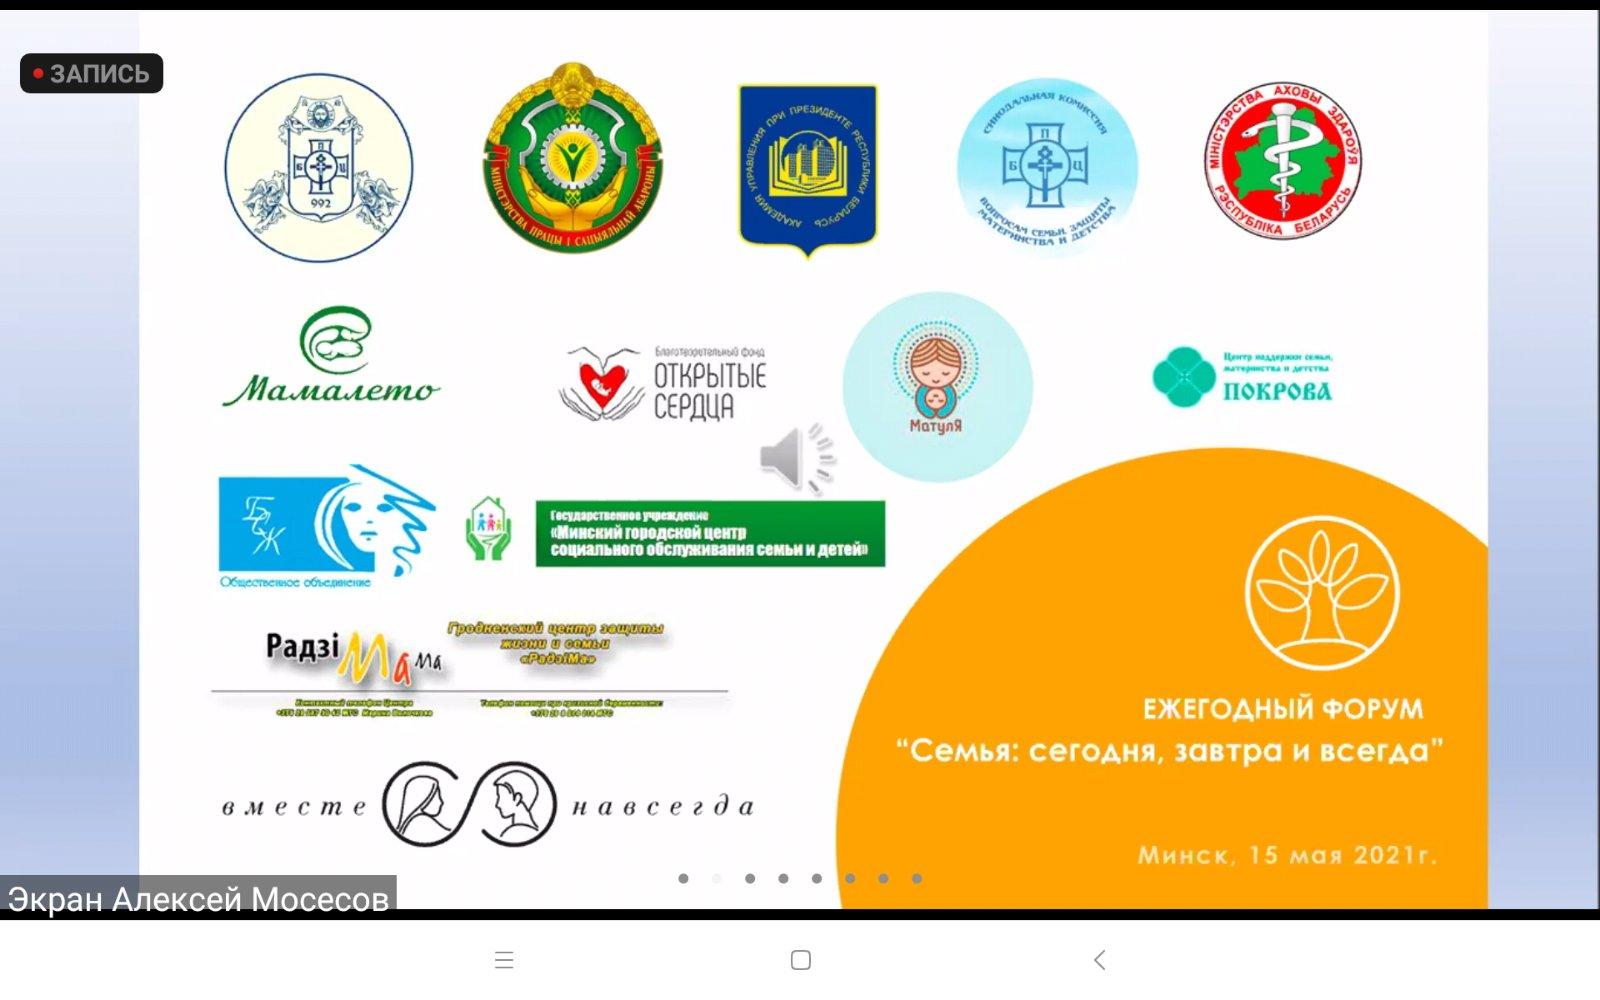 Первый ежегодный форум «Семья: сегодня, завтра и всегда» прошёл в Минске